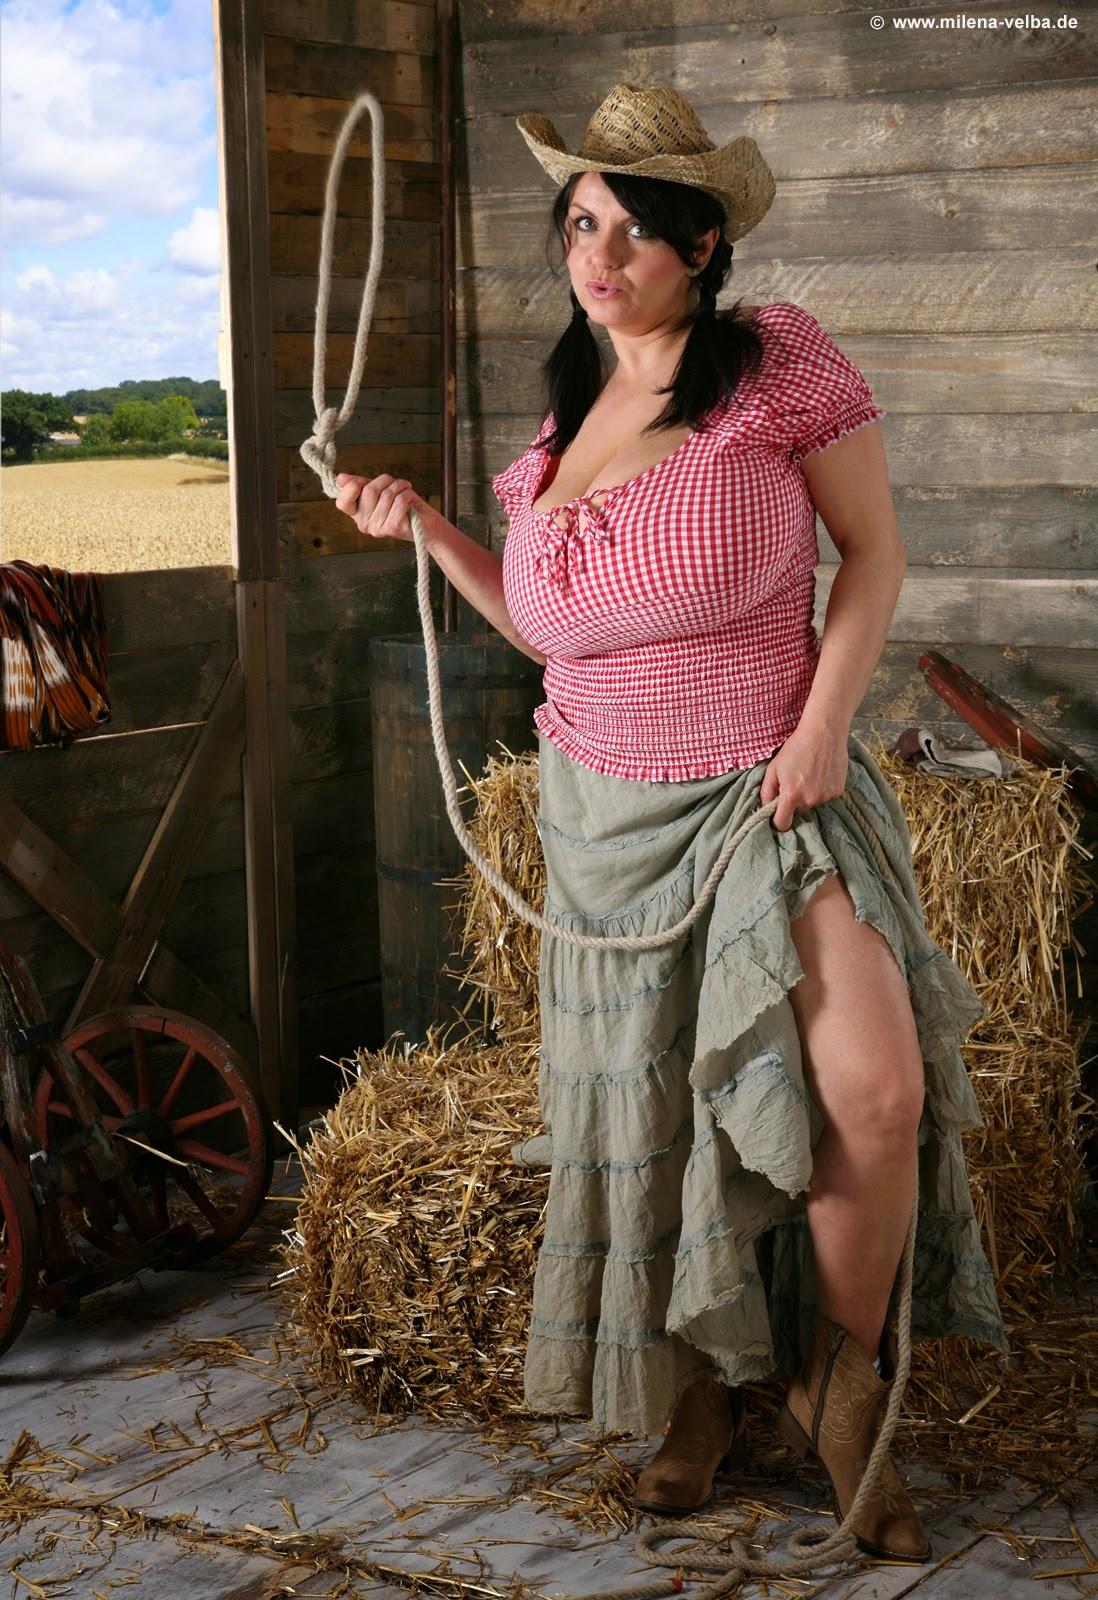 зрелые женщины в деревне